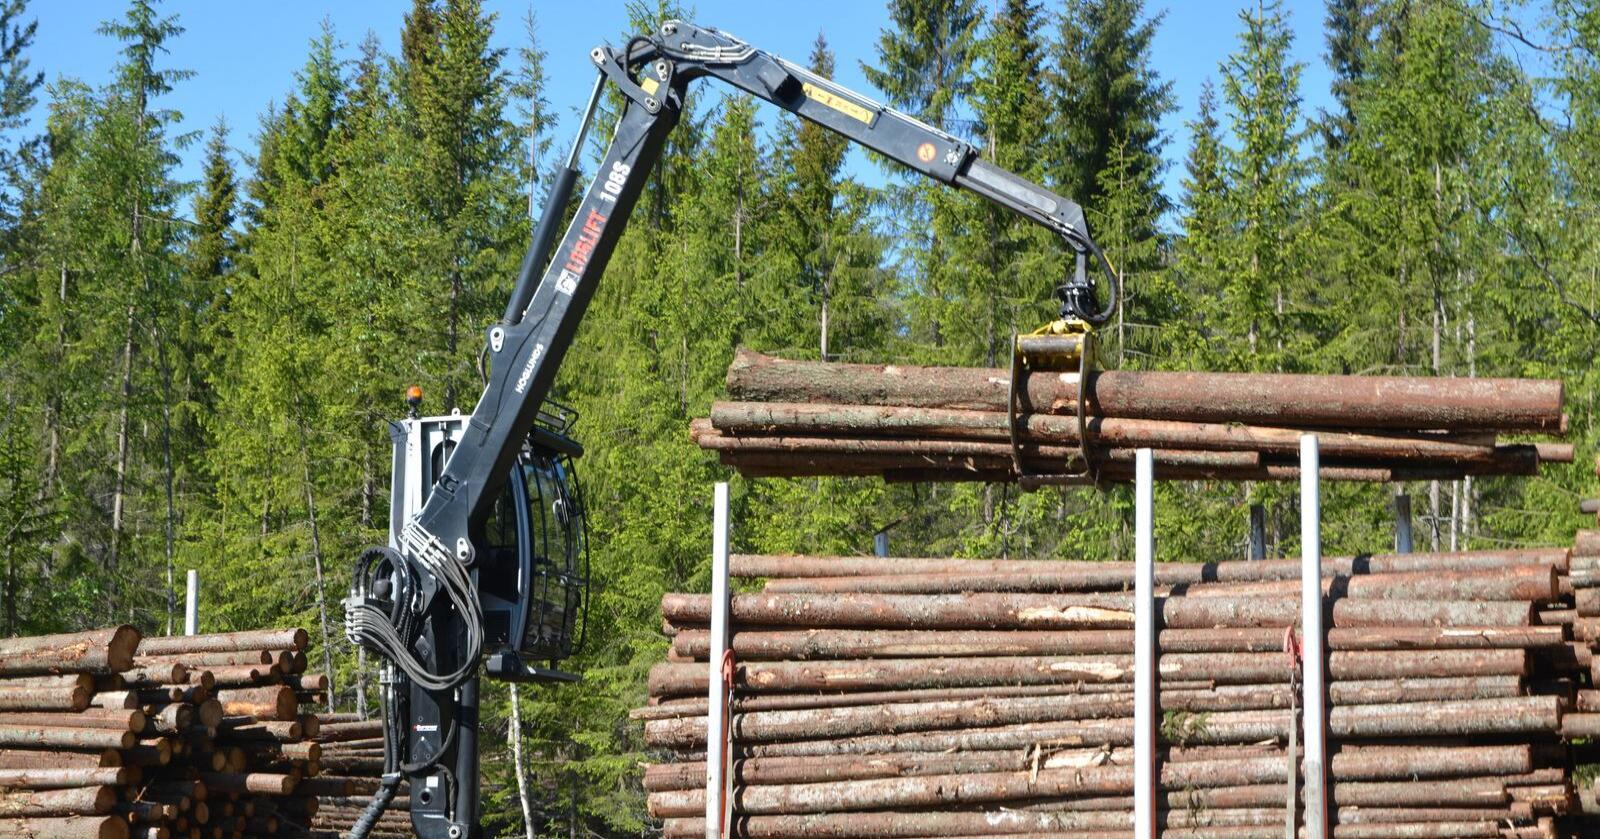 Har troen: Generalsekretær Per Skorge i Skogeierforbundet mener manko på et nytt klimaforlik ikke vil ramme skognæringas klimasatsinger i særlig grad.